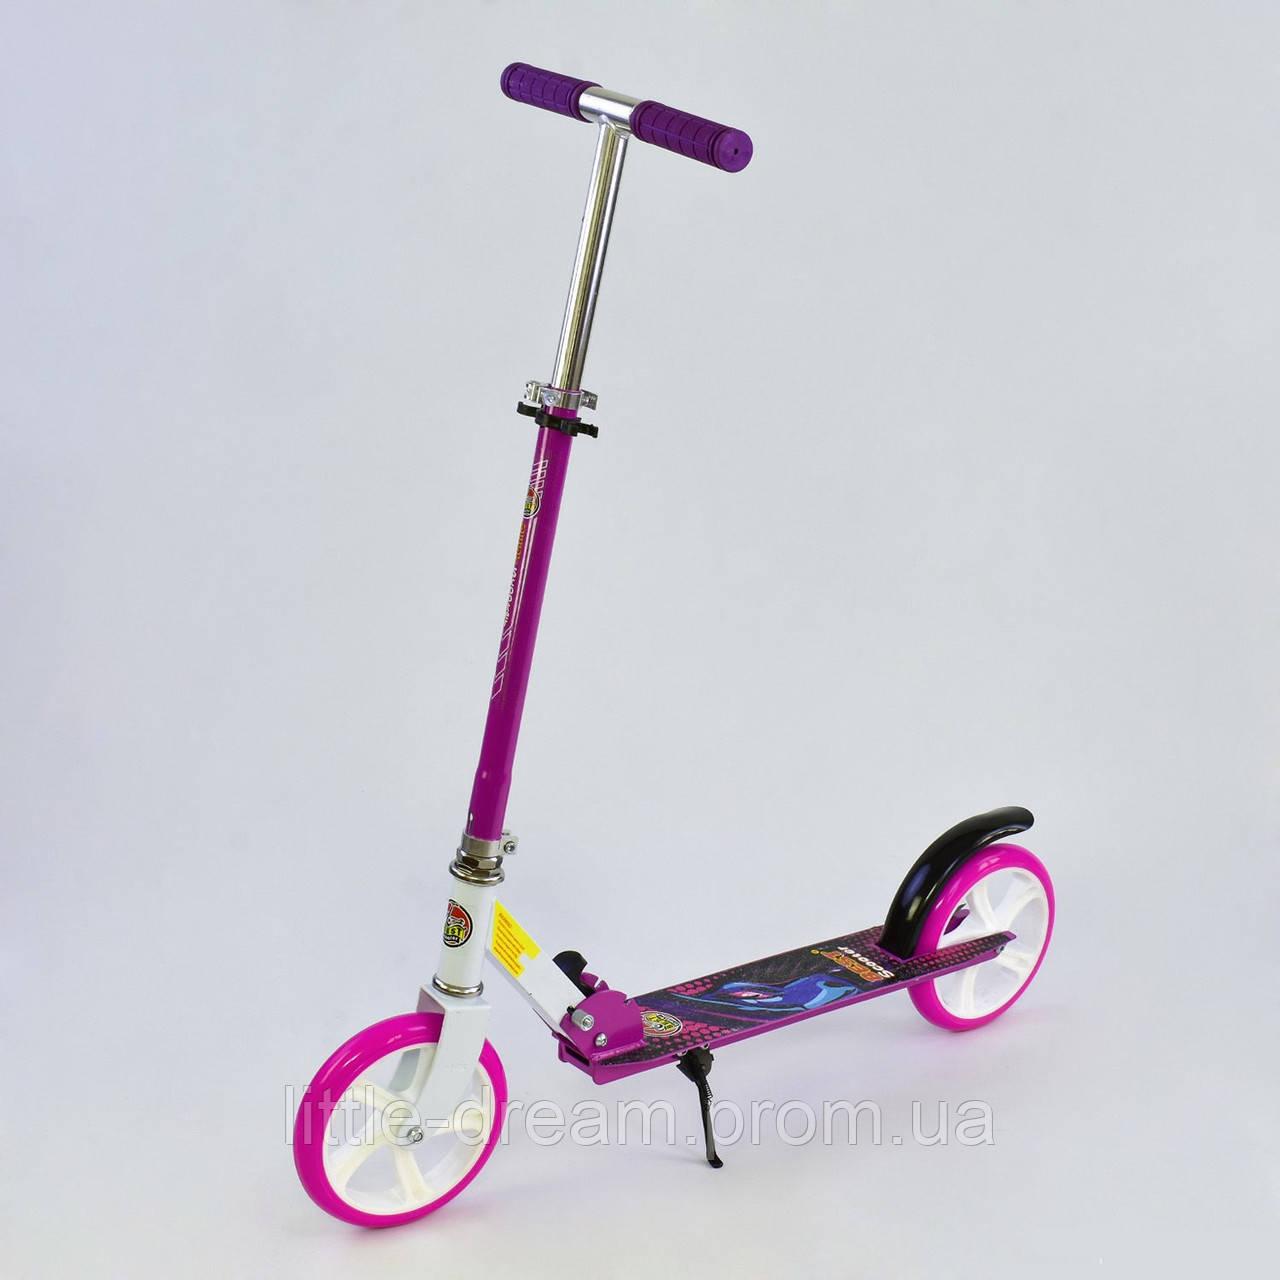 Самокат 00015, розовый, колеса PU, d=20 см, грипсы резиновые